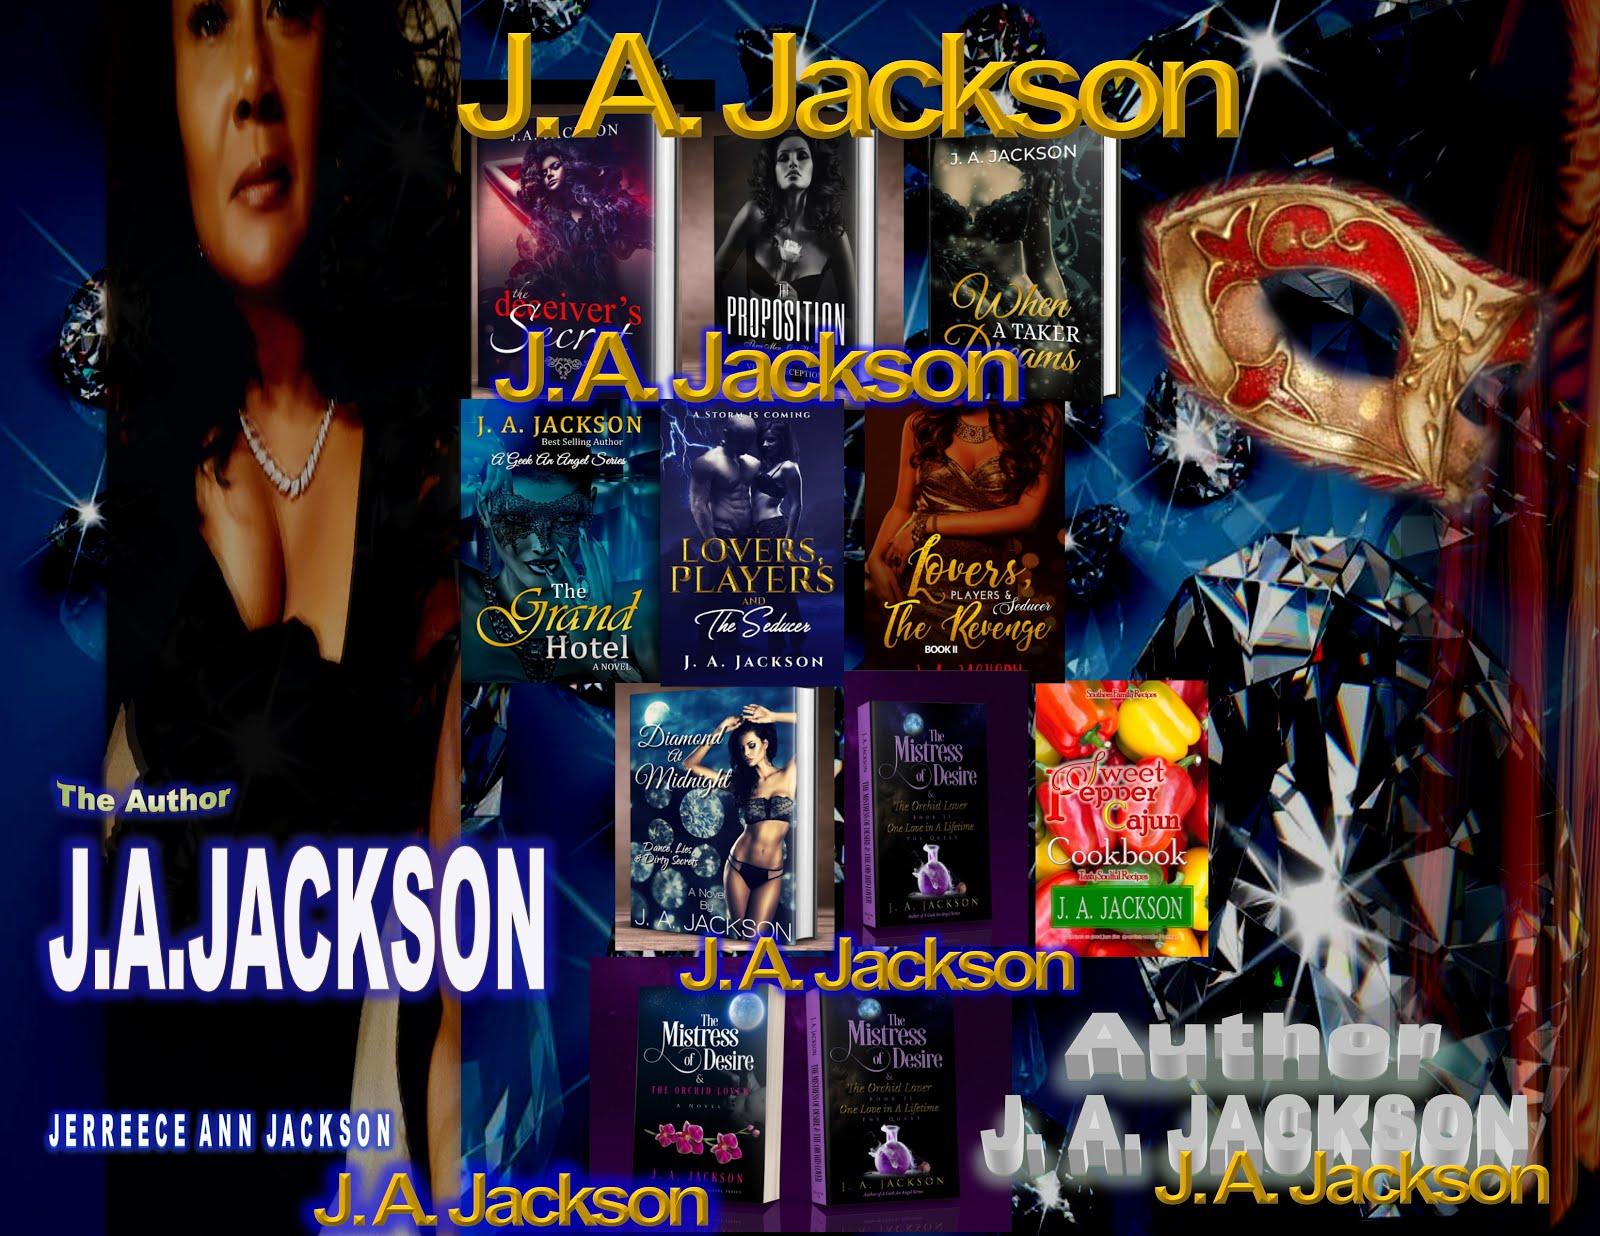 J.A.JACKSON